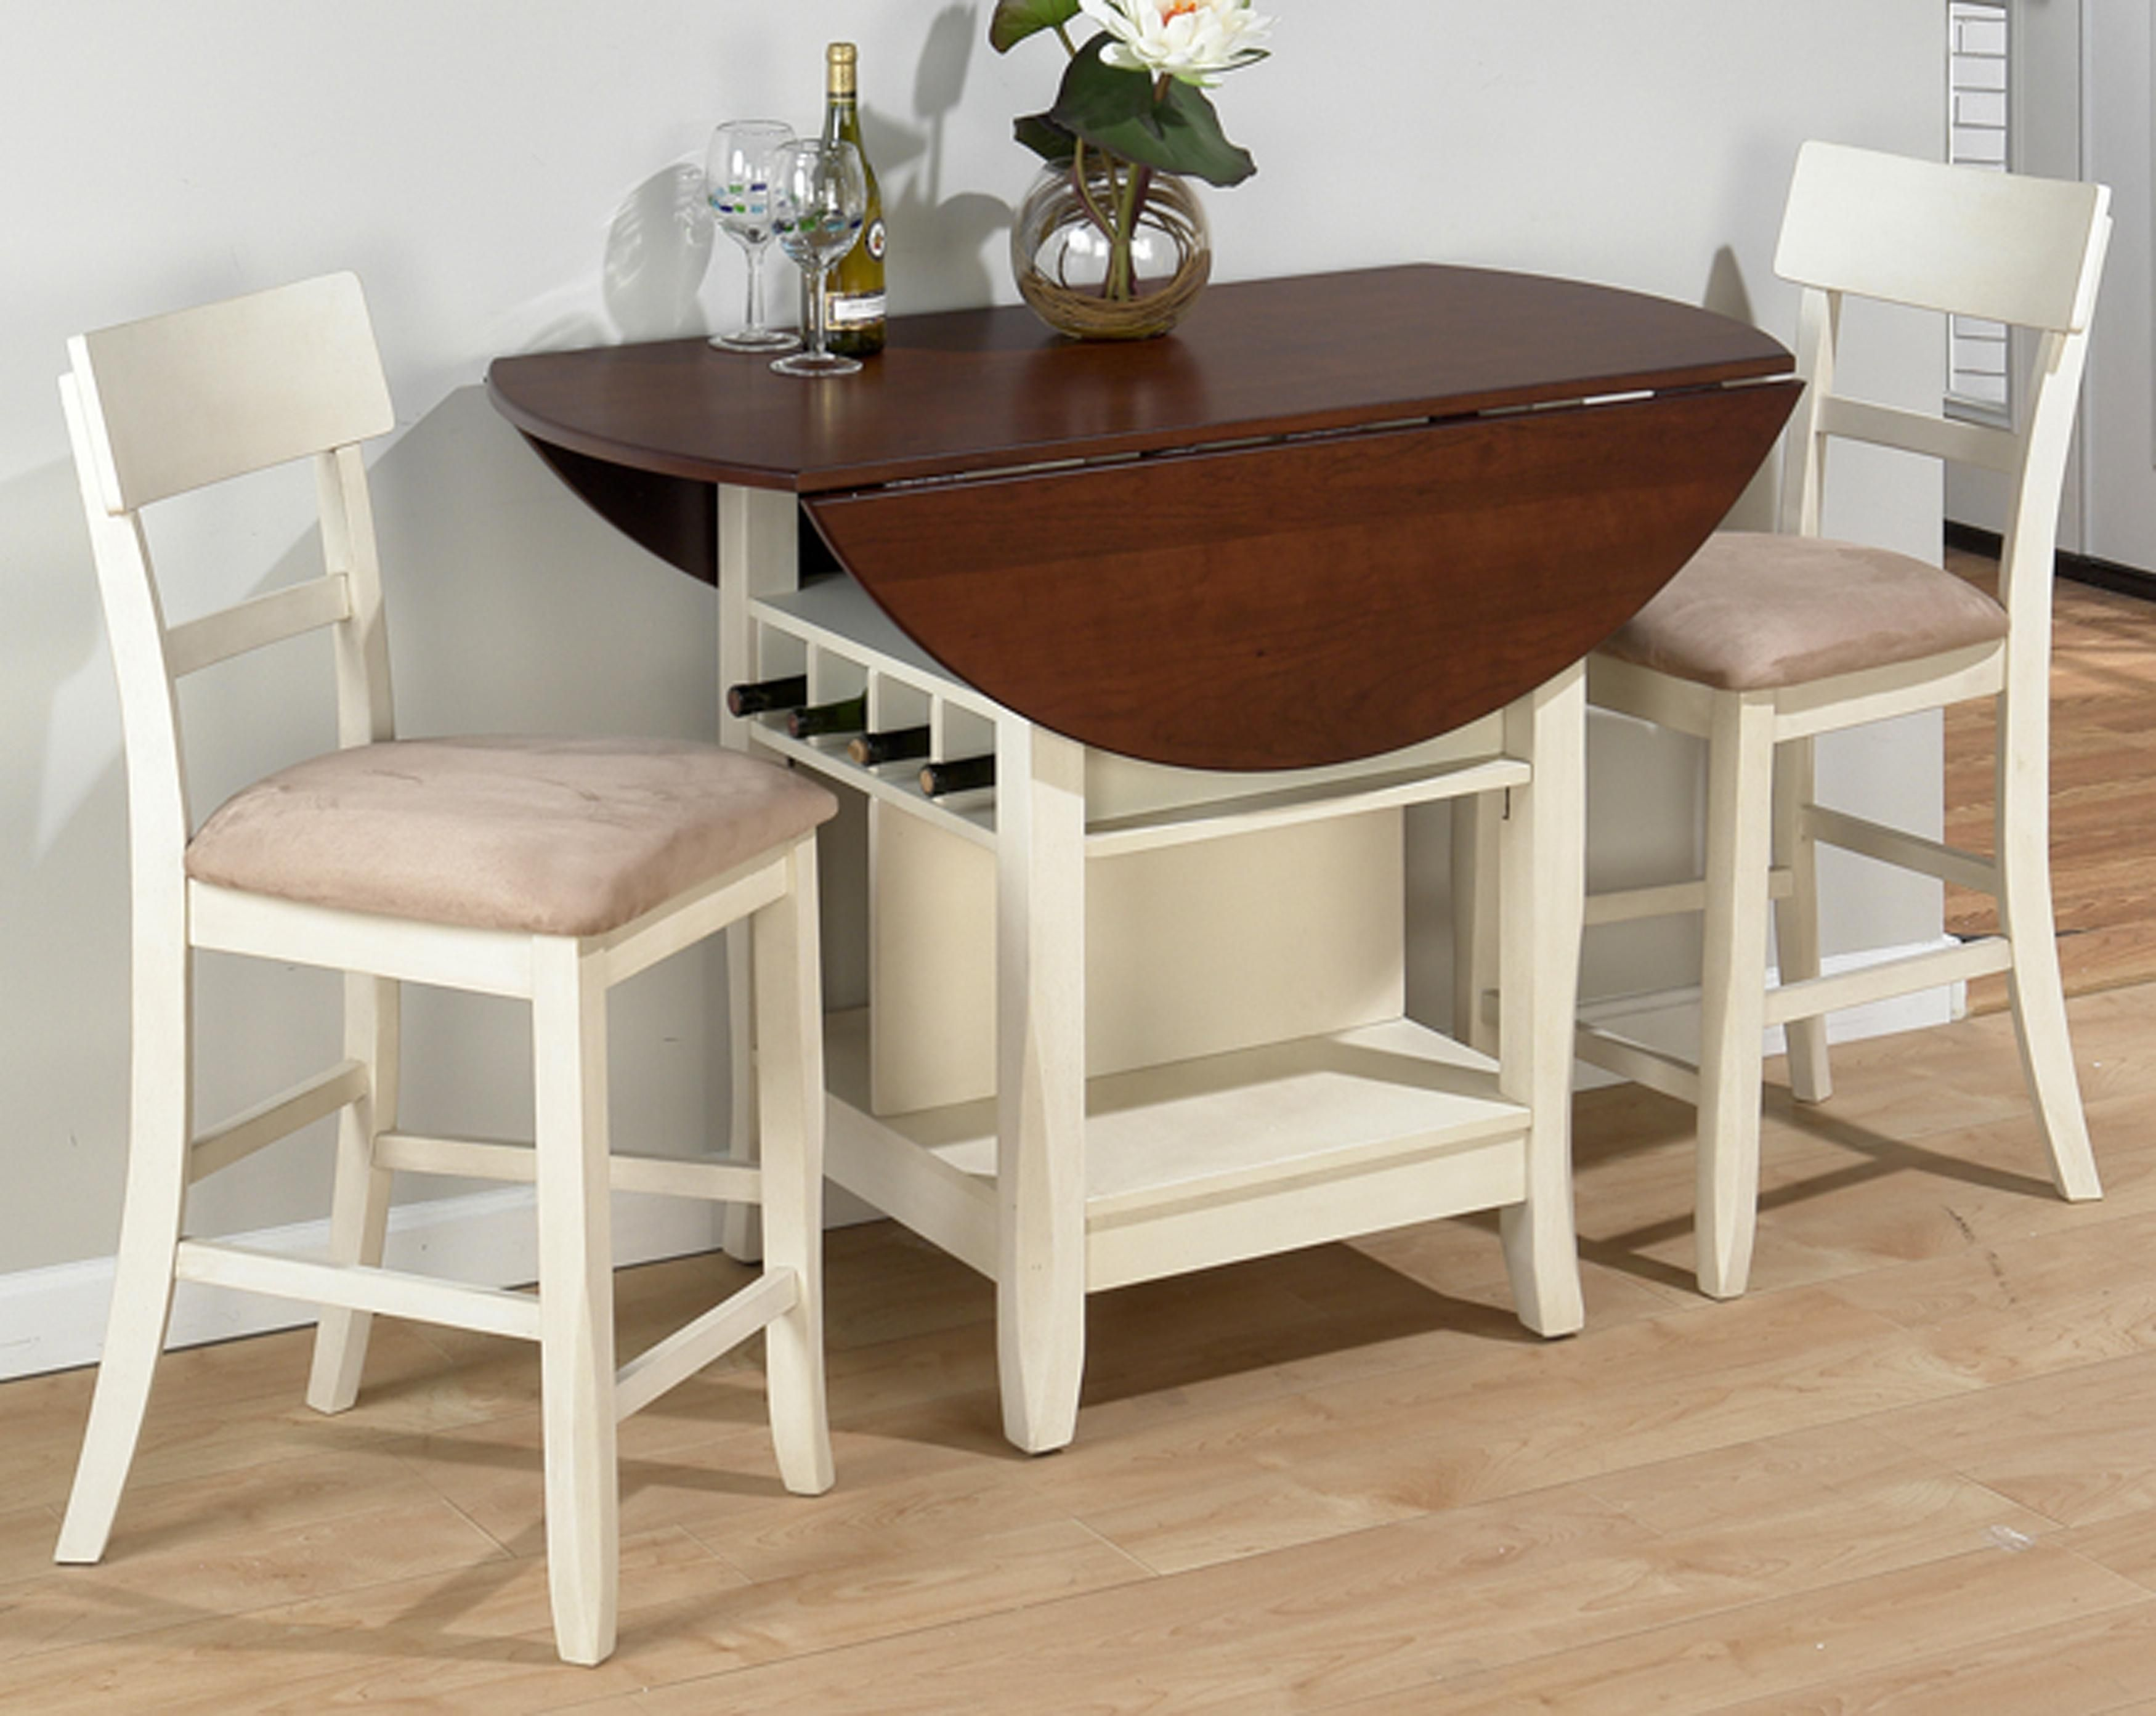 Tisch Und Stühle Küche, Tisch Sets, Essgruppe Küche Stühle